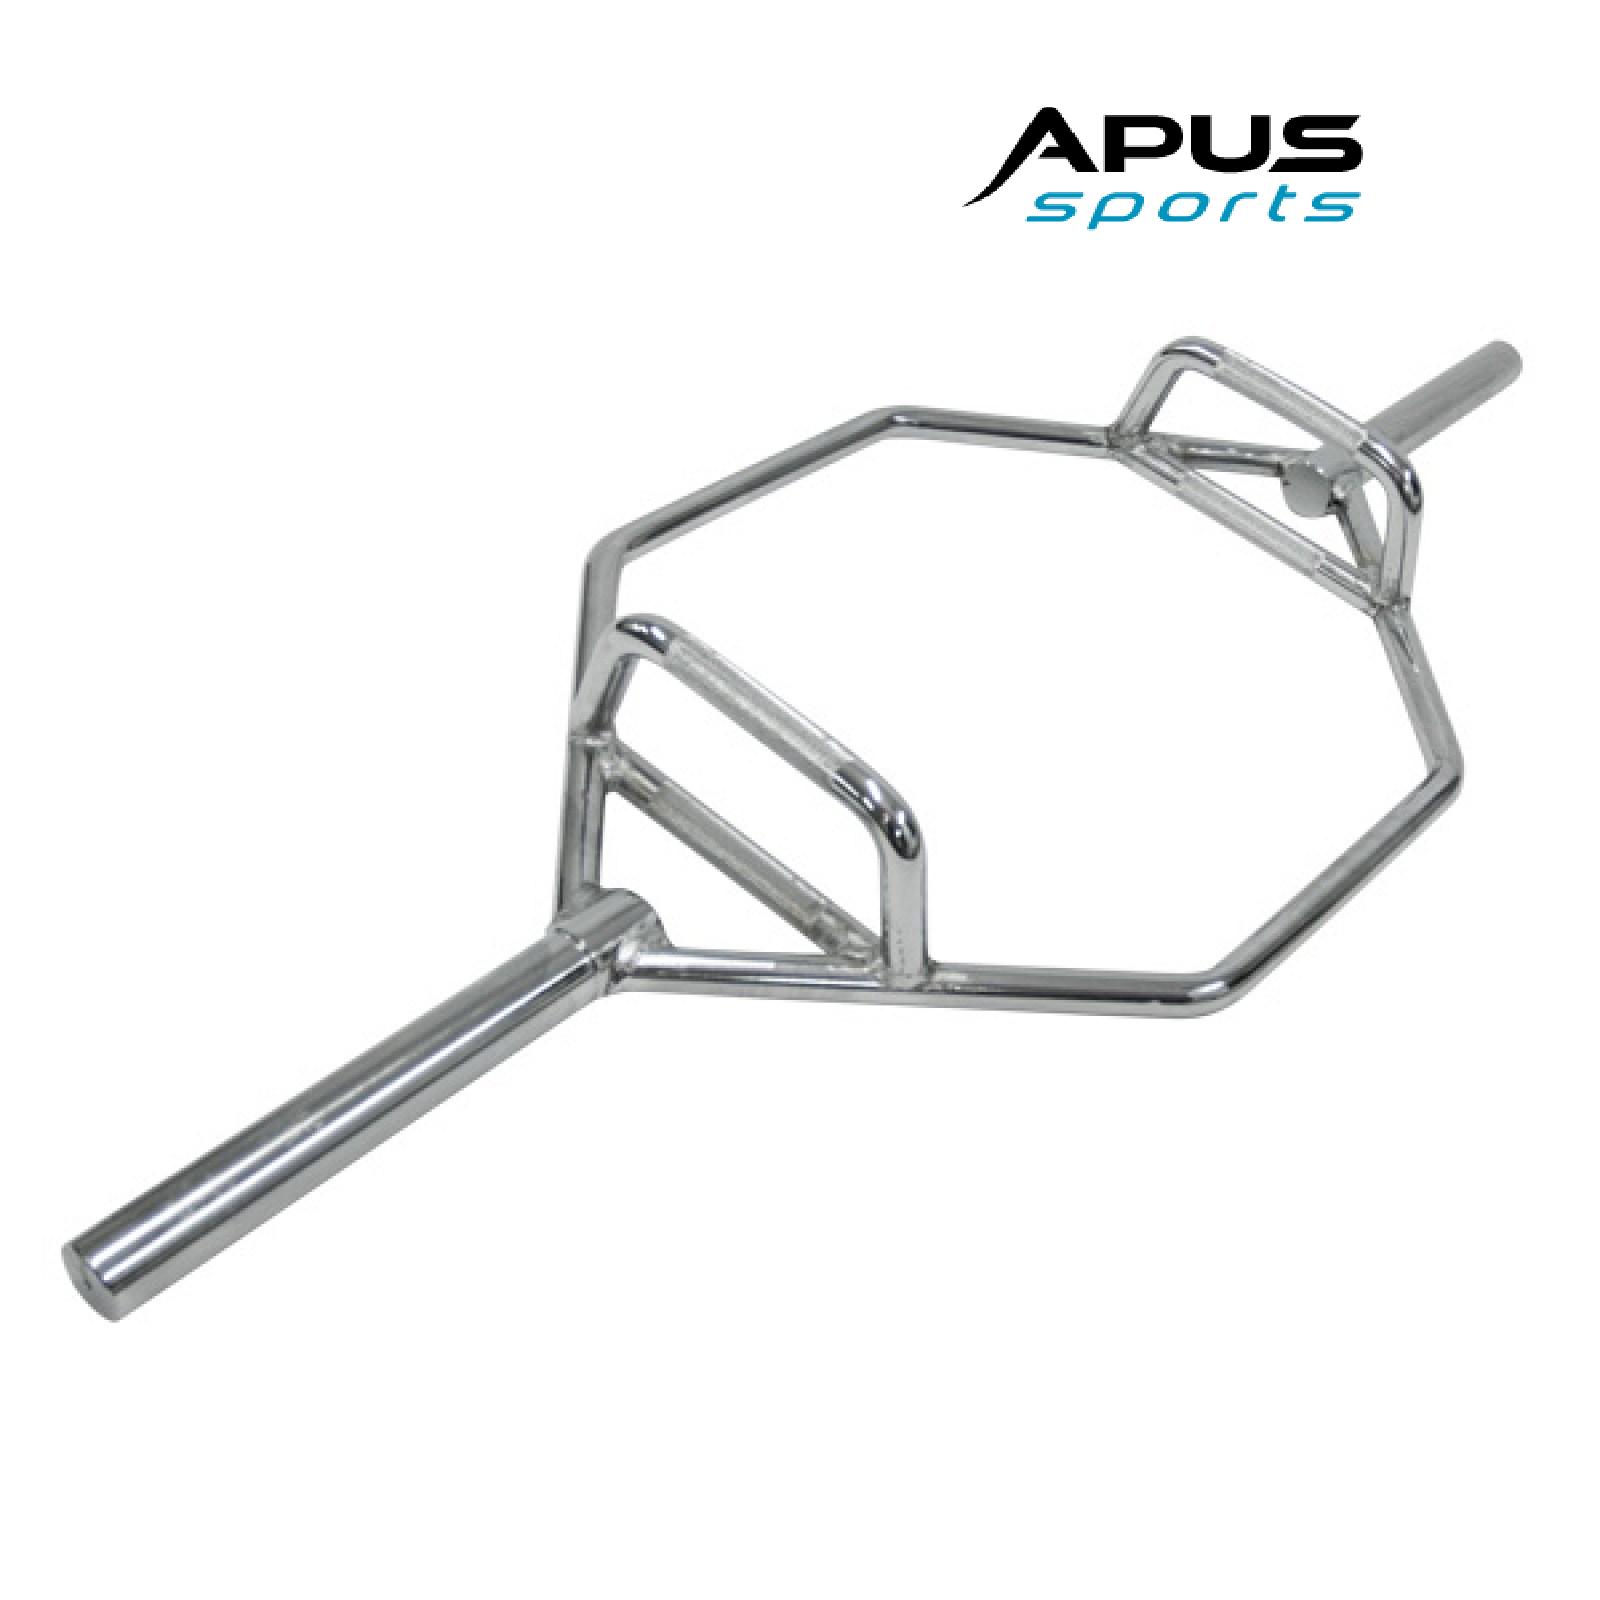 Трэп гриф, рама для становой тяги Apus Sports профессиональный 50мм.